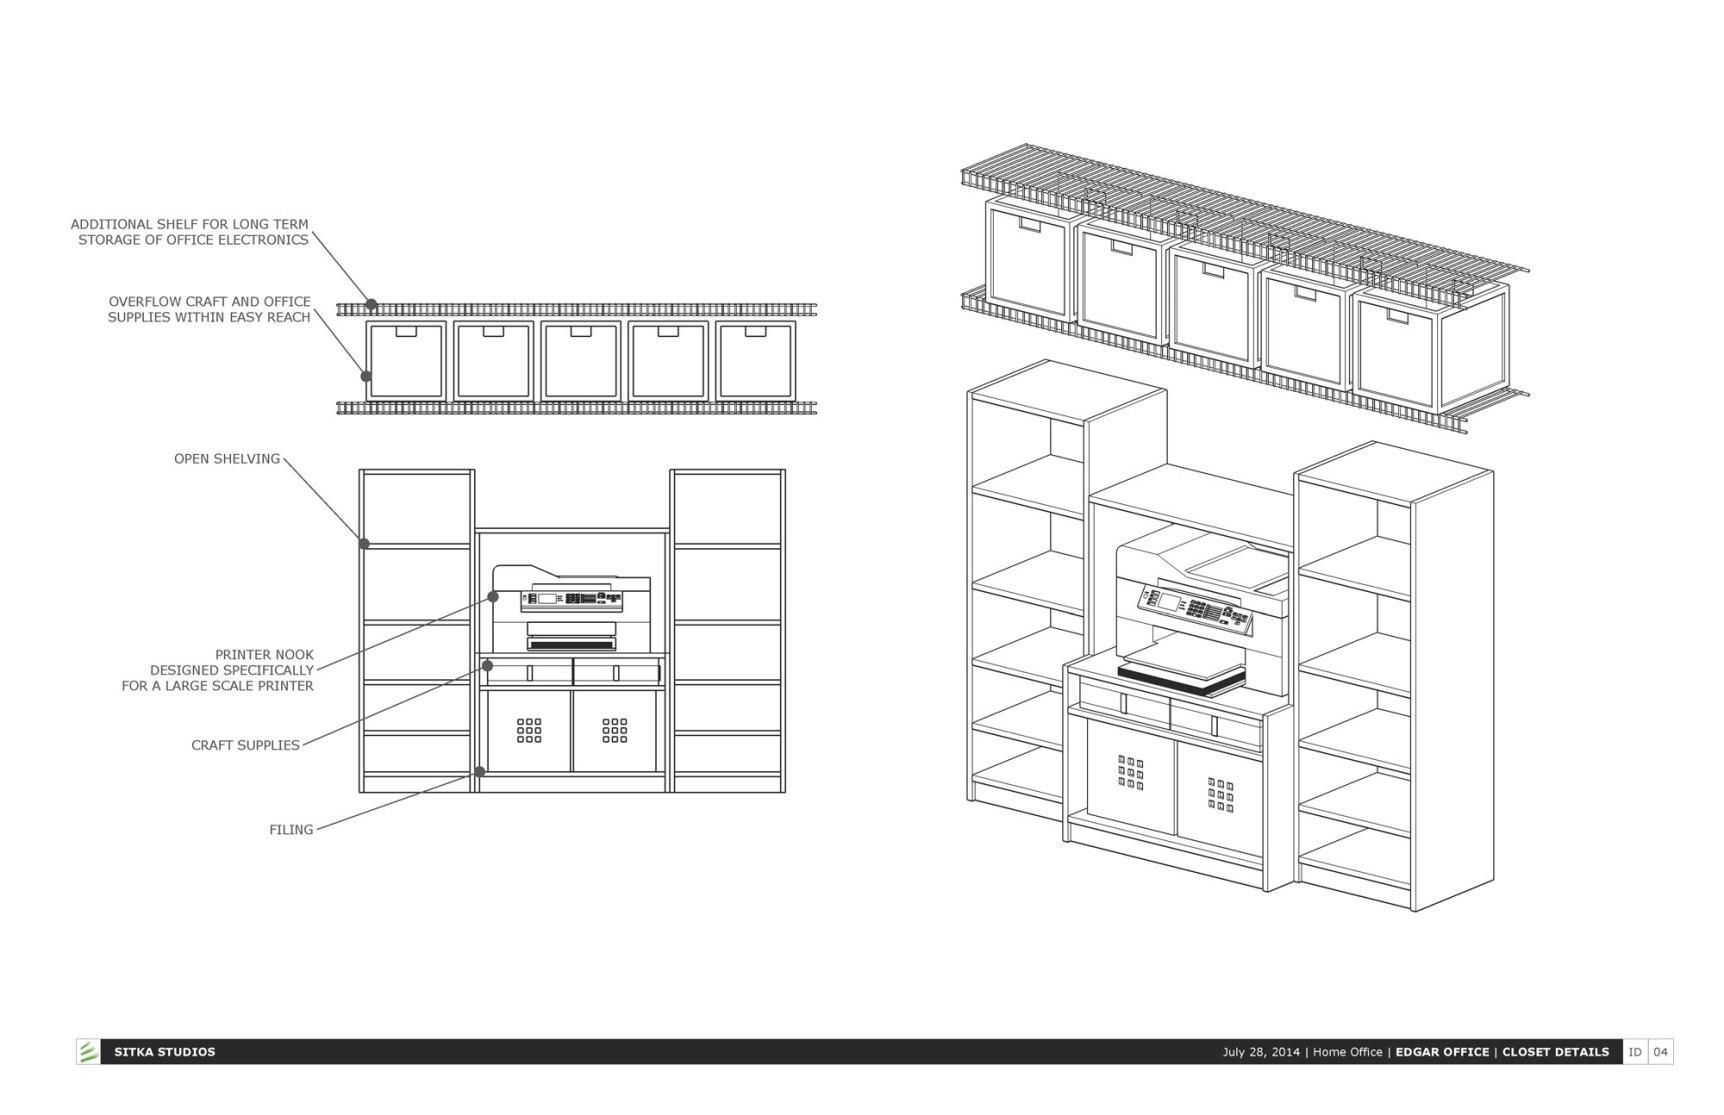 Storage unit built into the closet